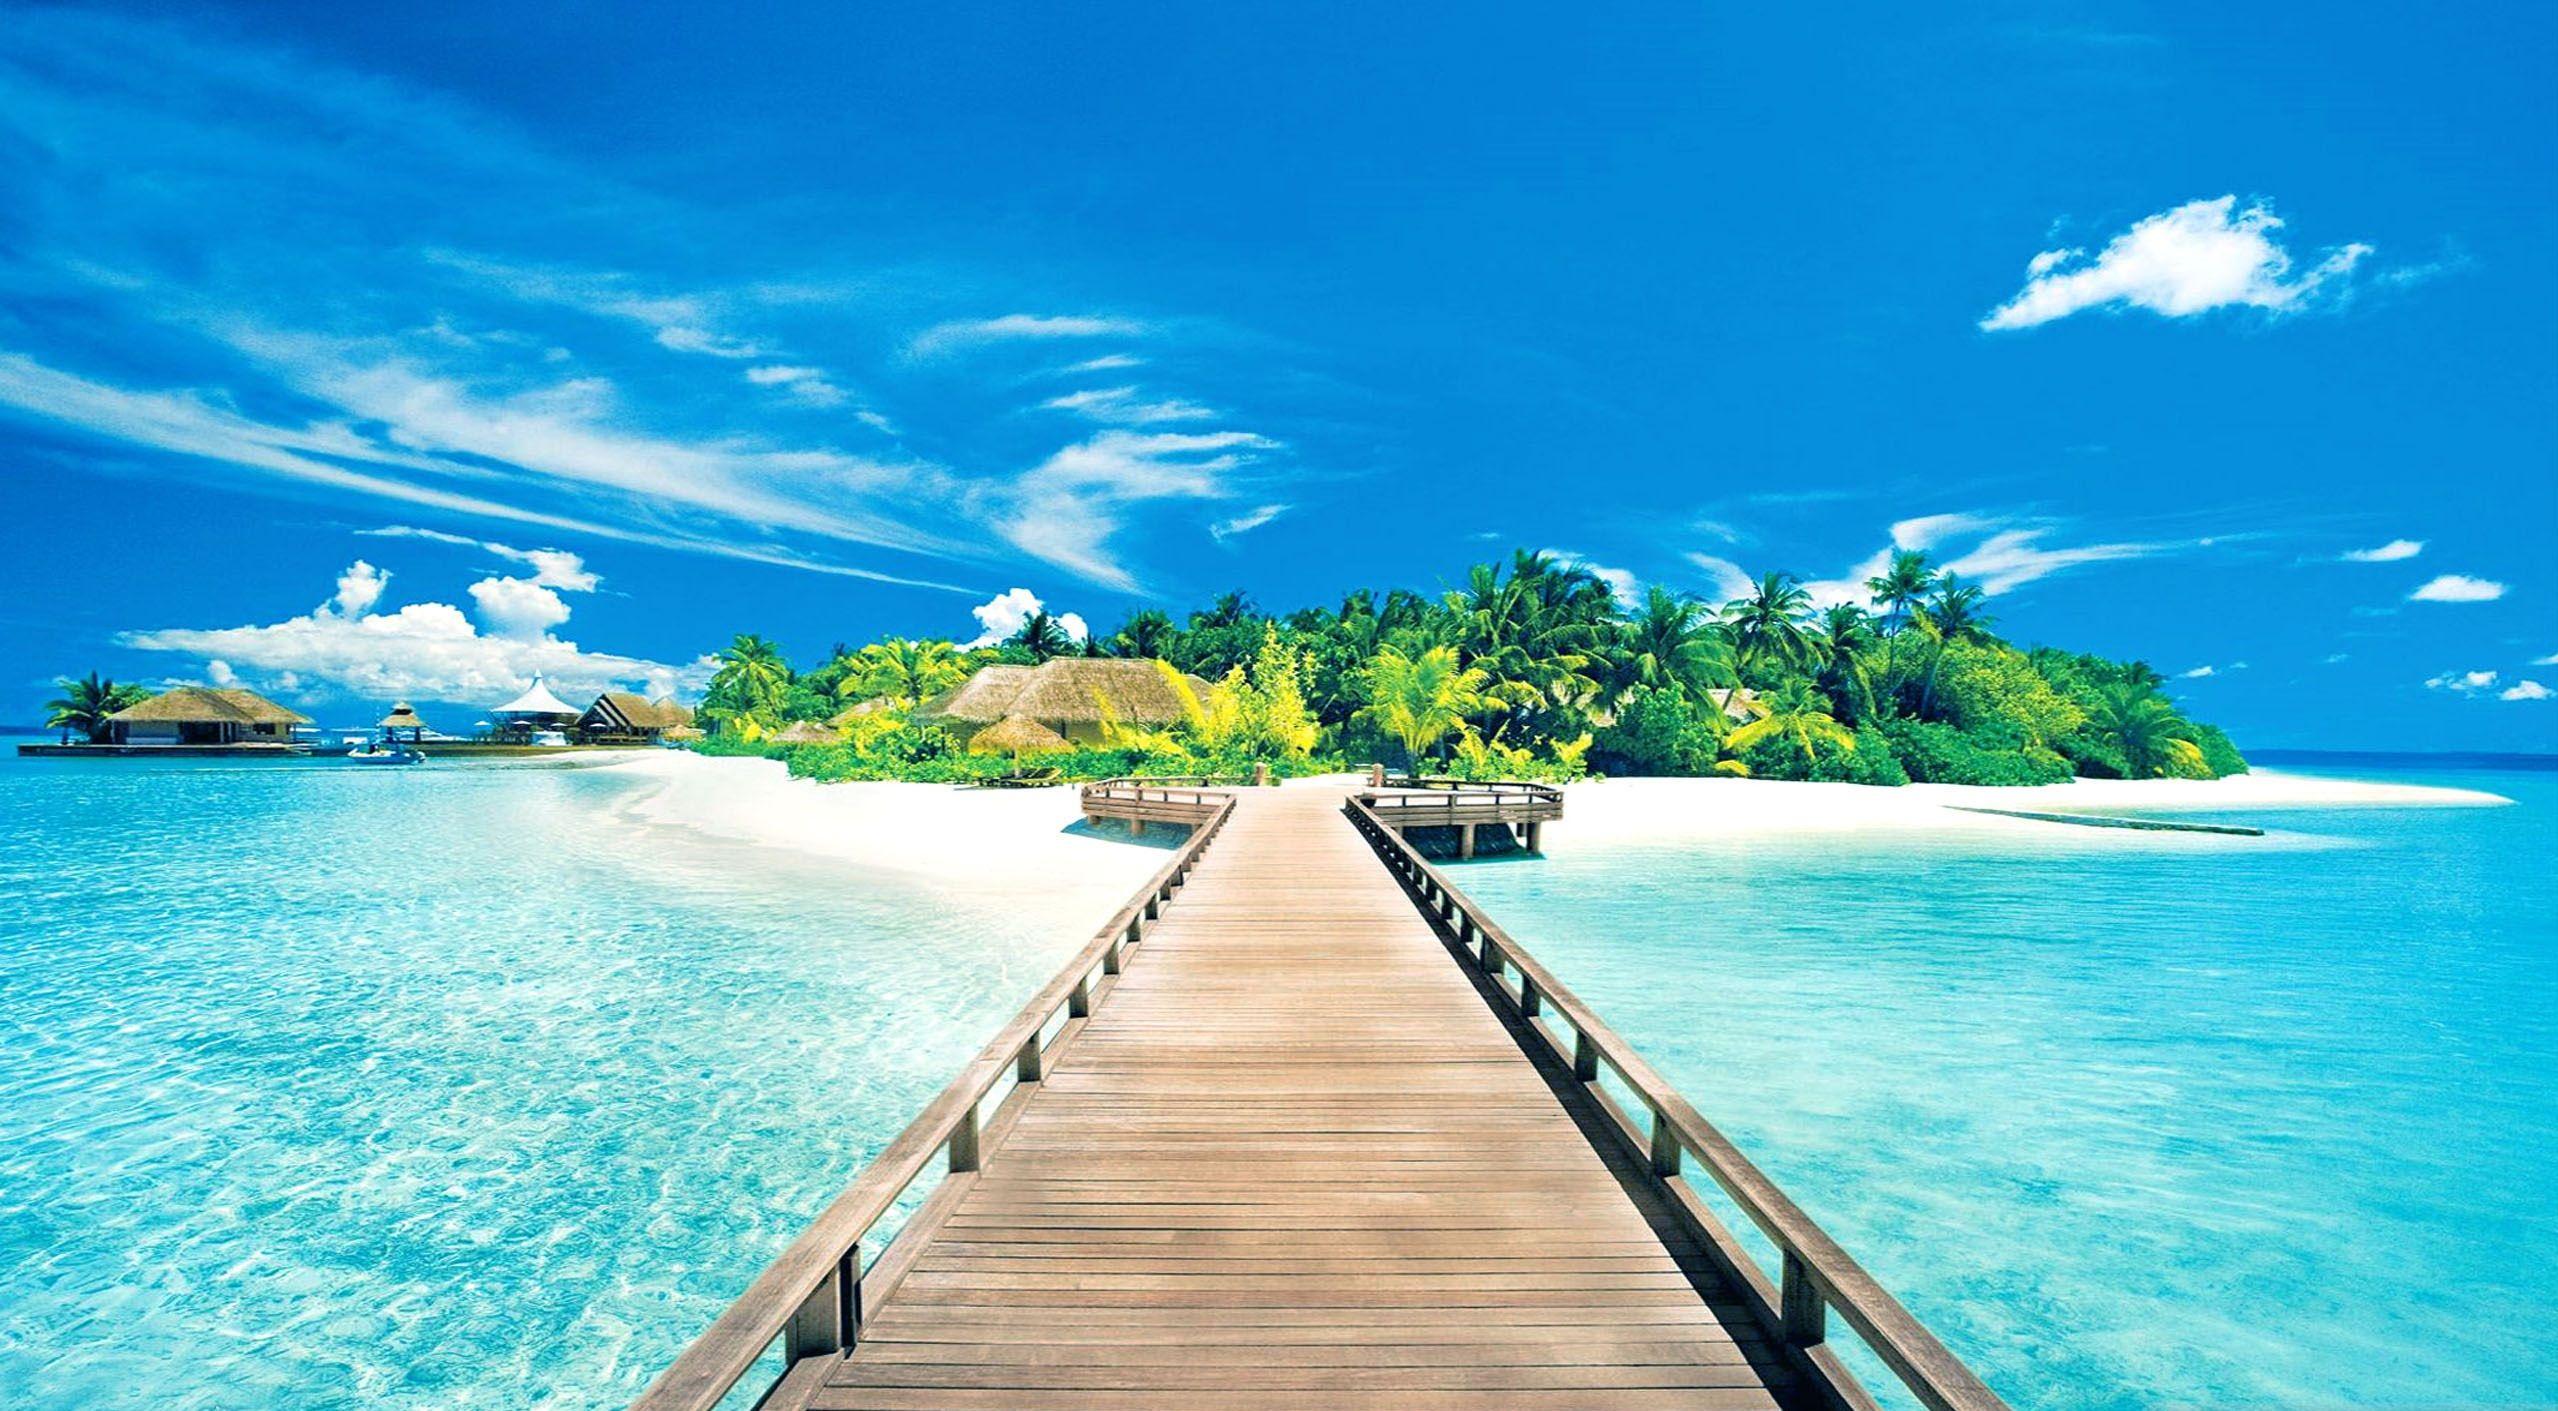 best ideas about Summer Desktop Backgrounds on Pinterest | HD ...